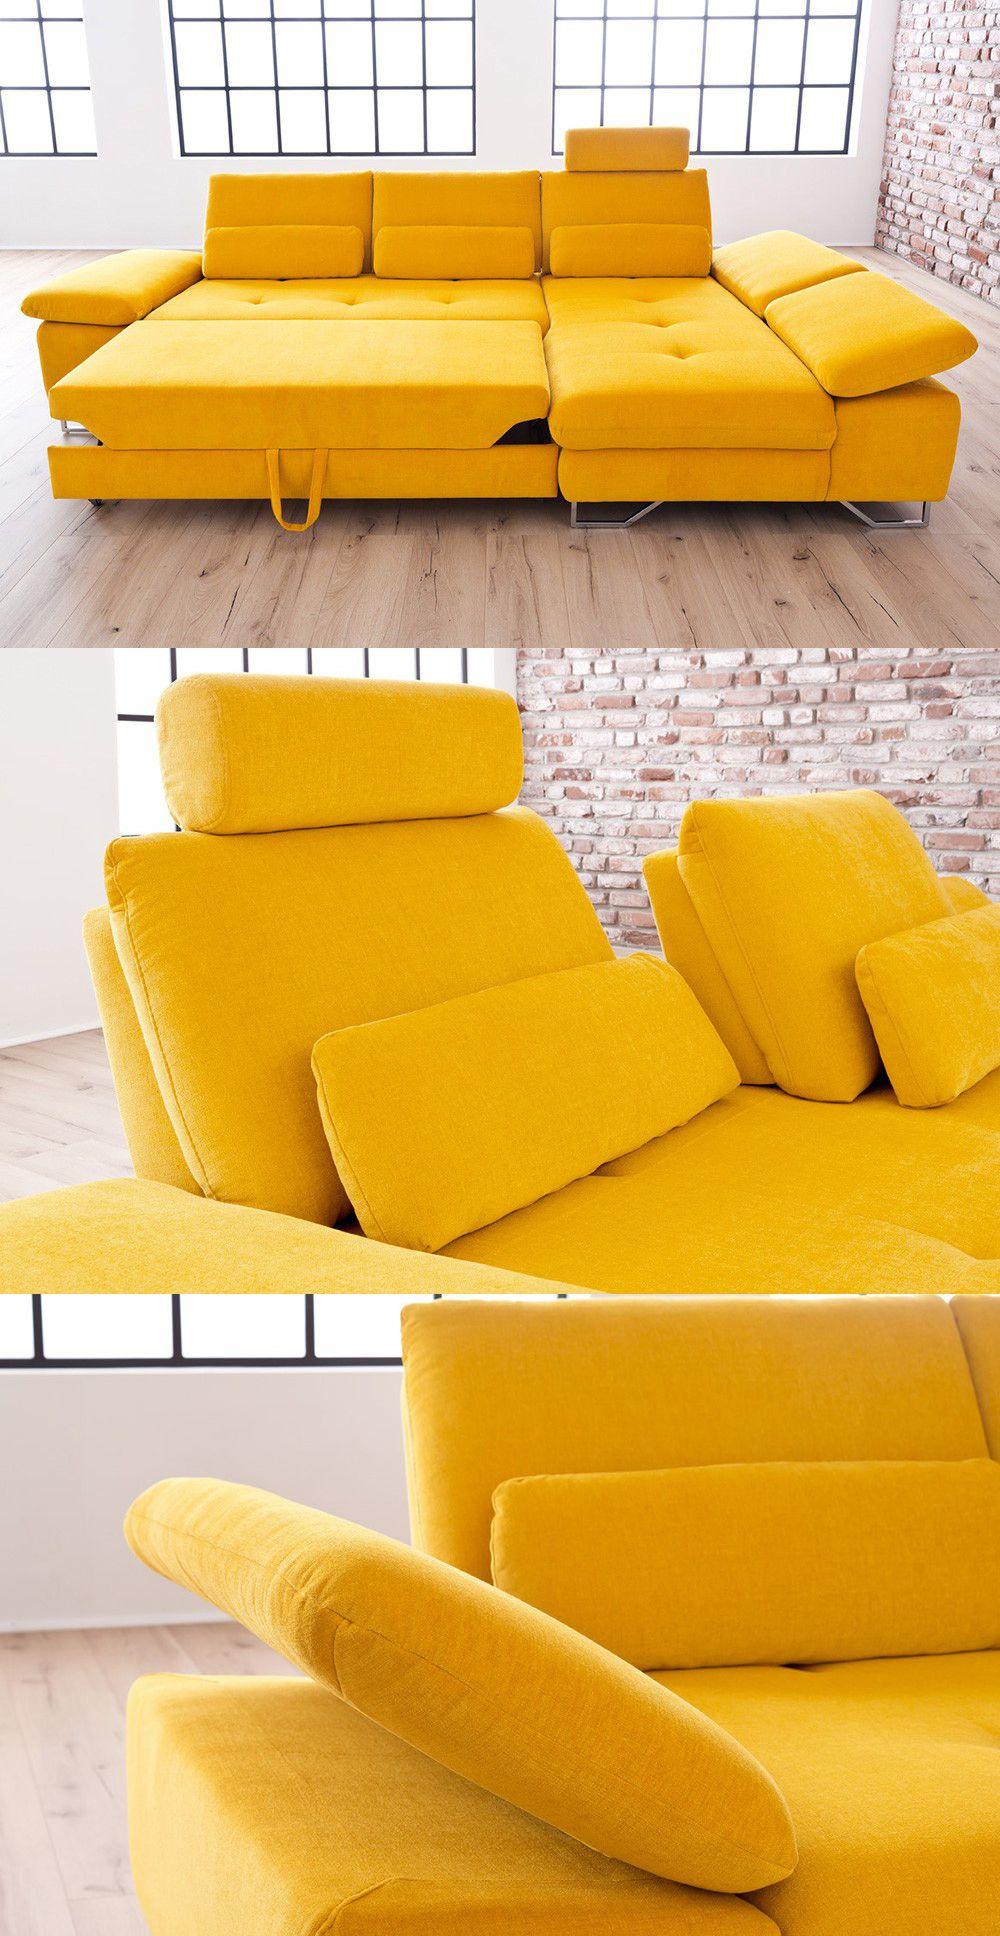 gelbe eckcouch brasil | sorge für frischen wind in deinem, Wohnzimmer